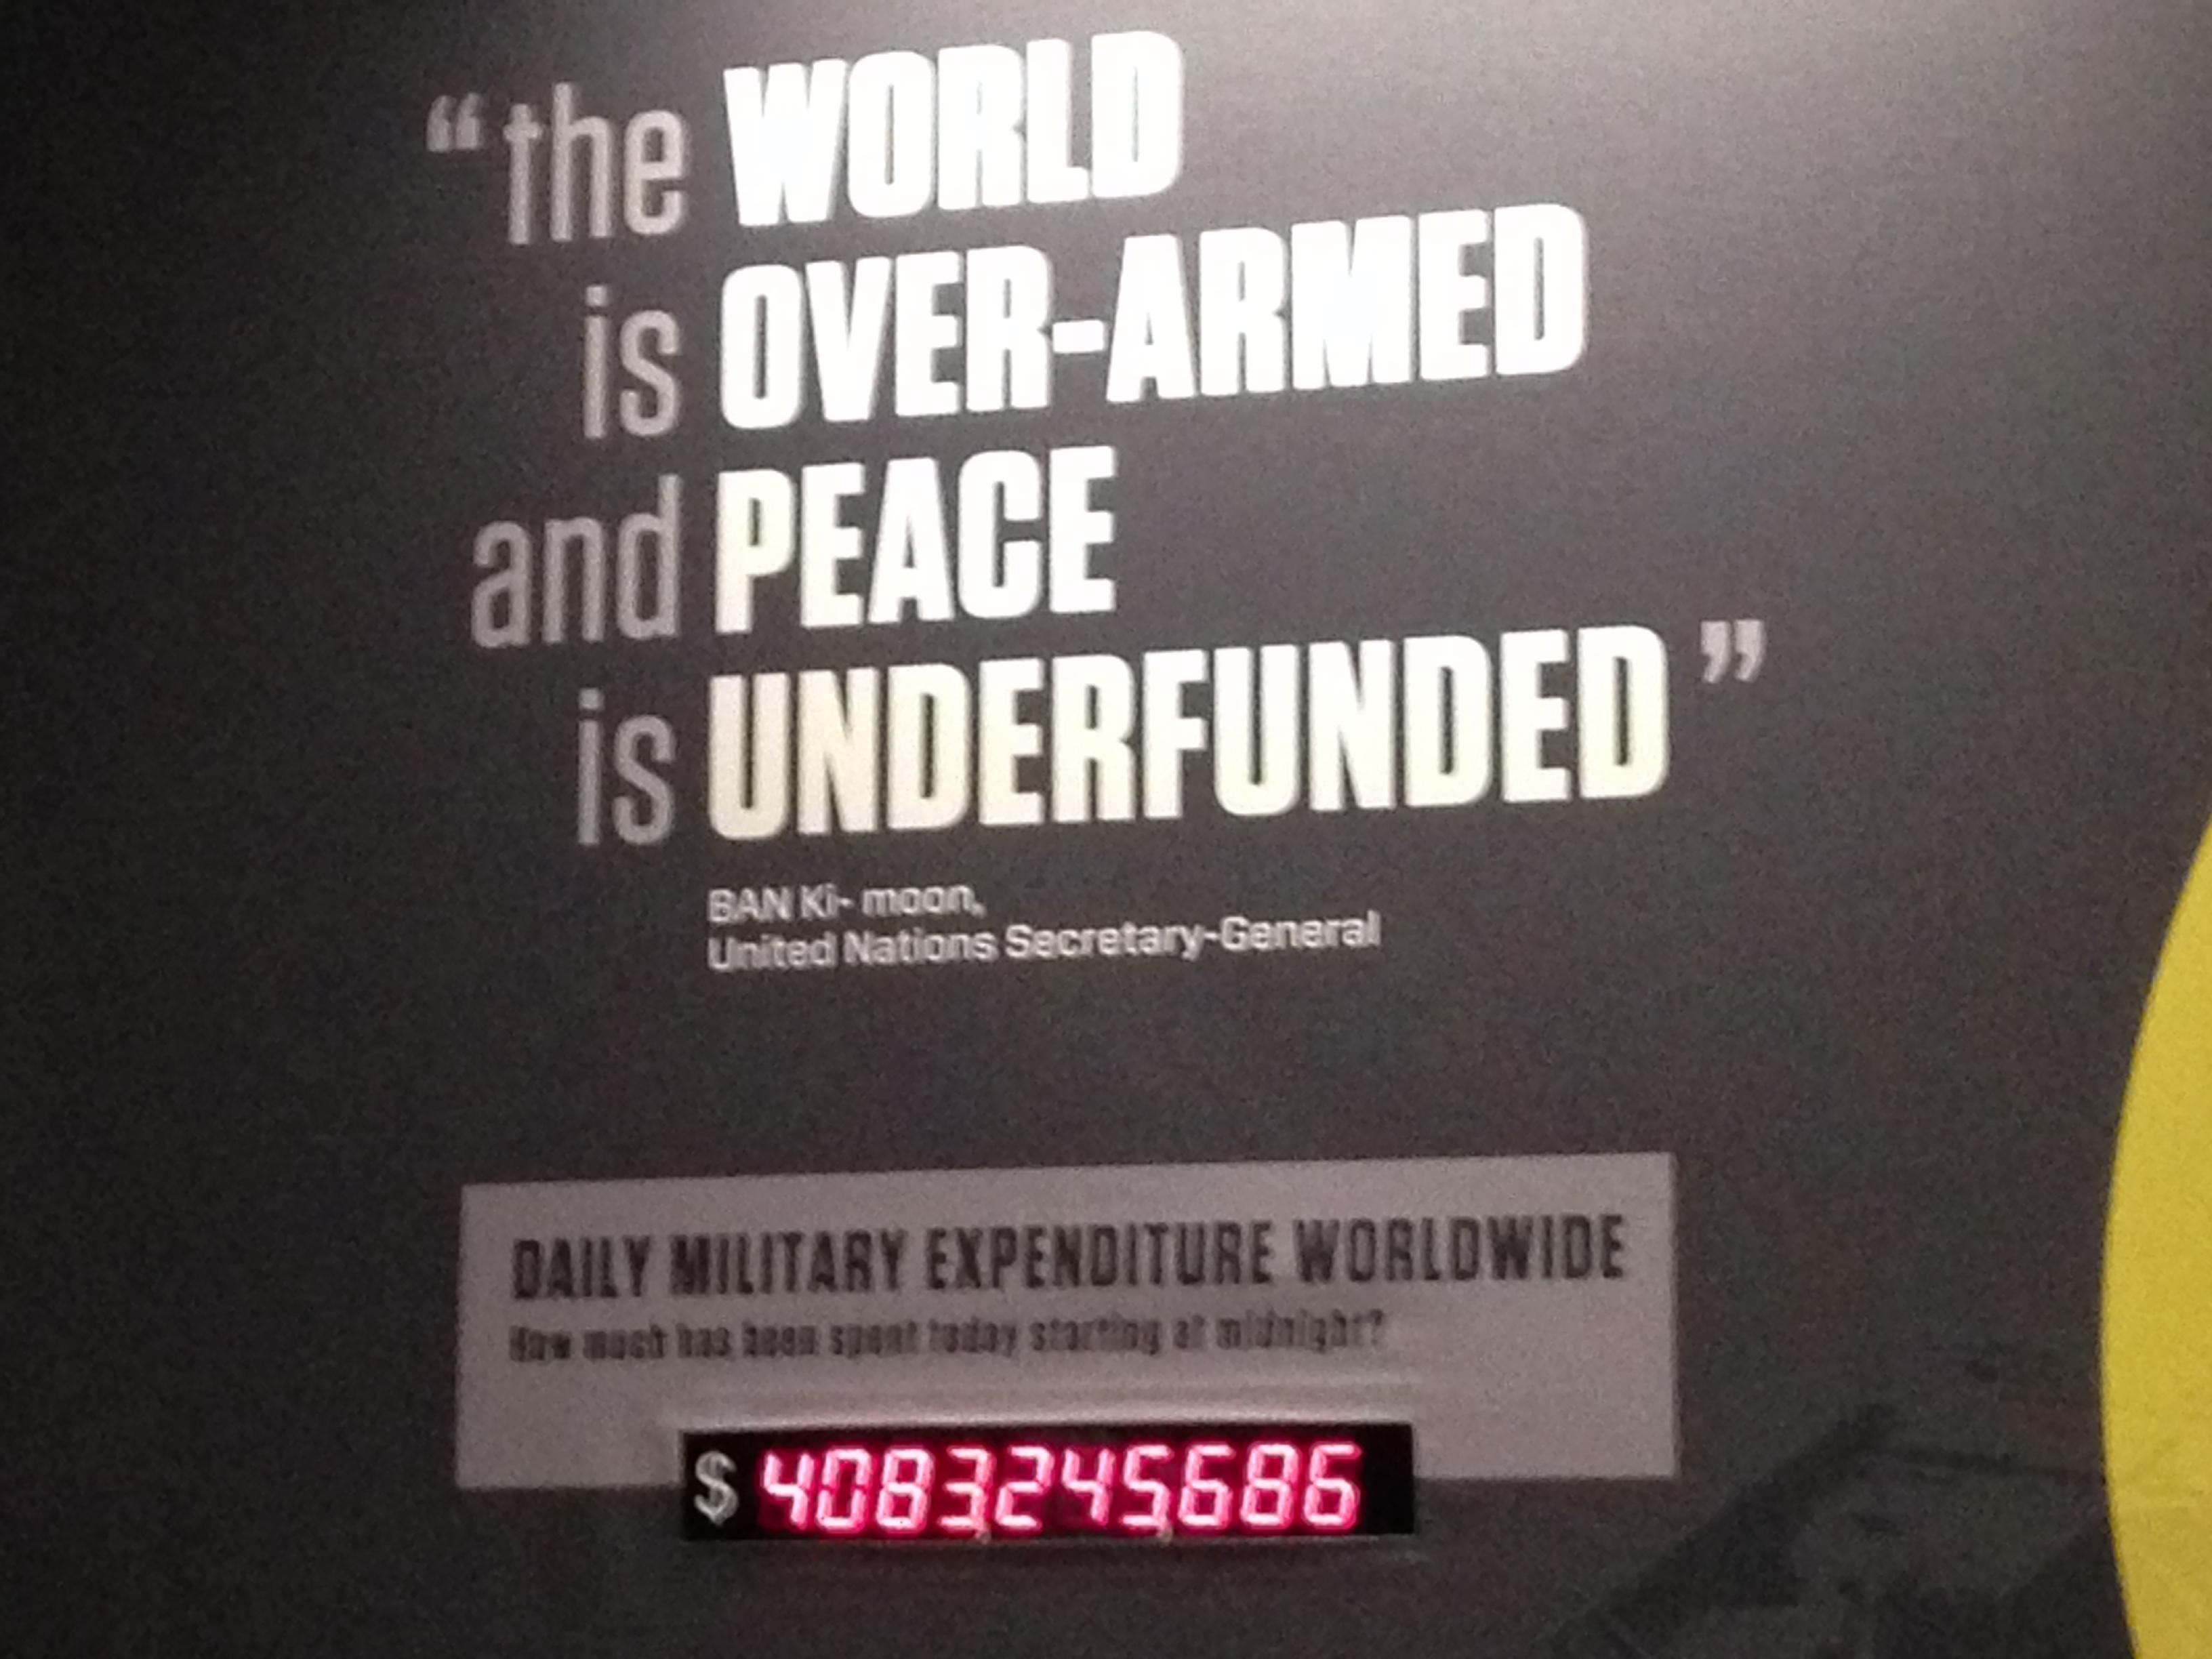 20141110 221846247 ios - Visitando la sede de la ONU en New York